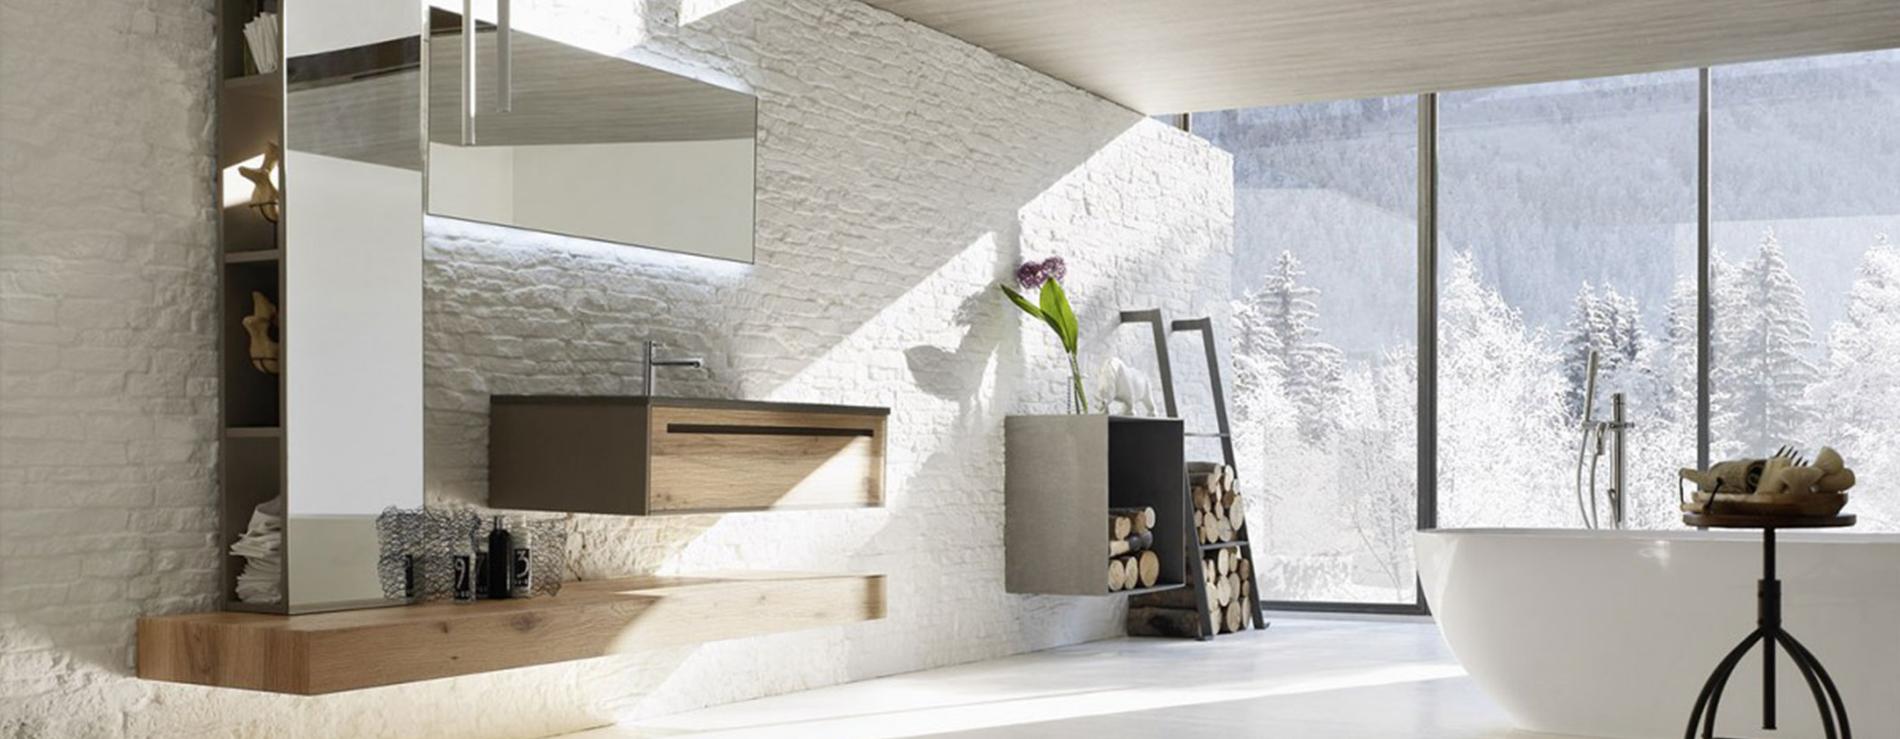 Sky rovere antico arbi centro mobili for Arbi arredo bagno catalogo